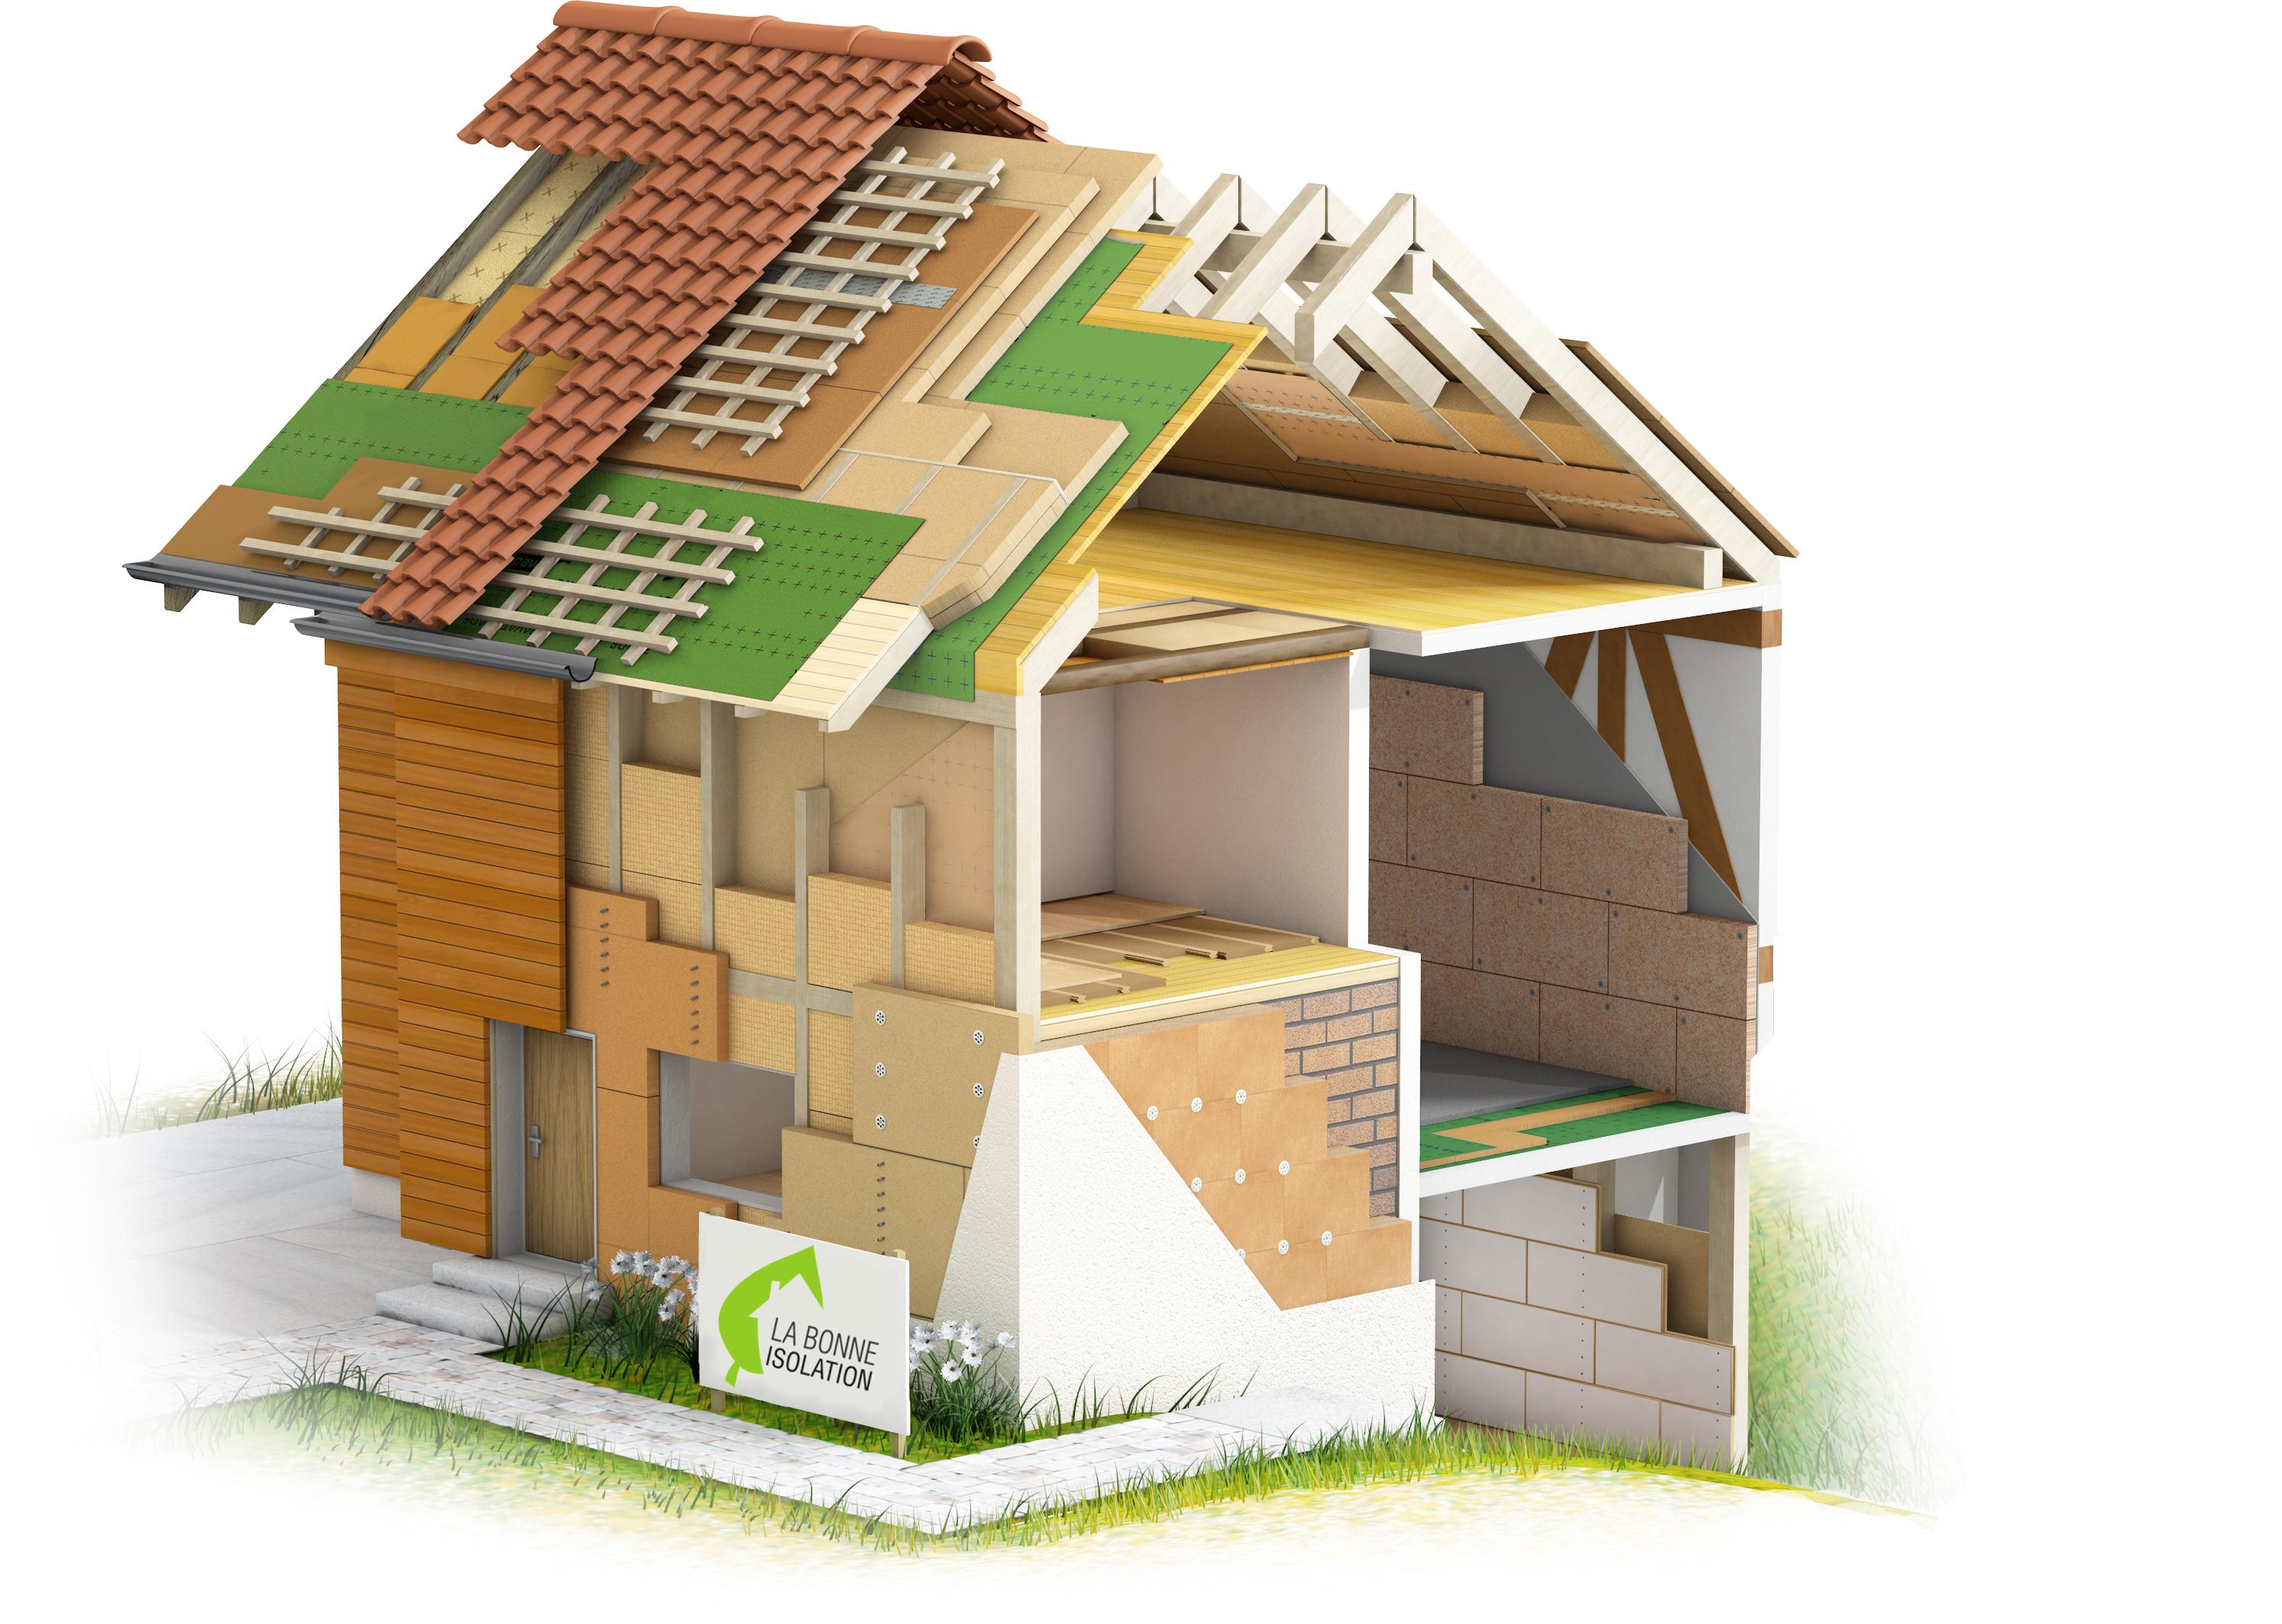 isolation maison ecologique